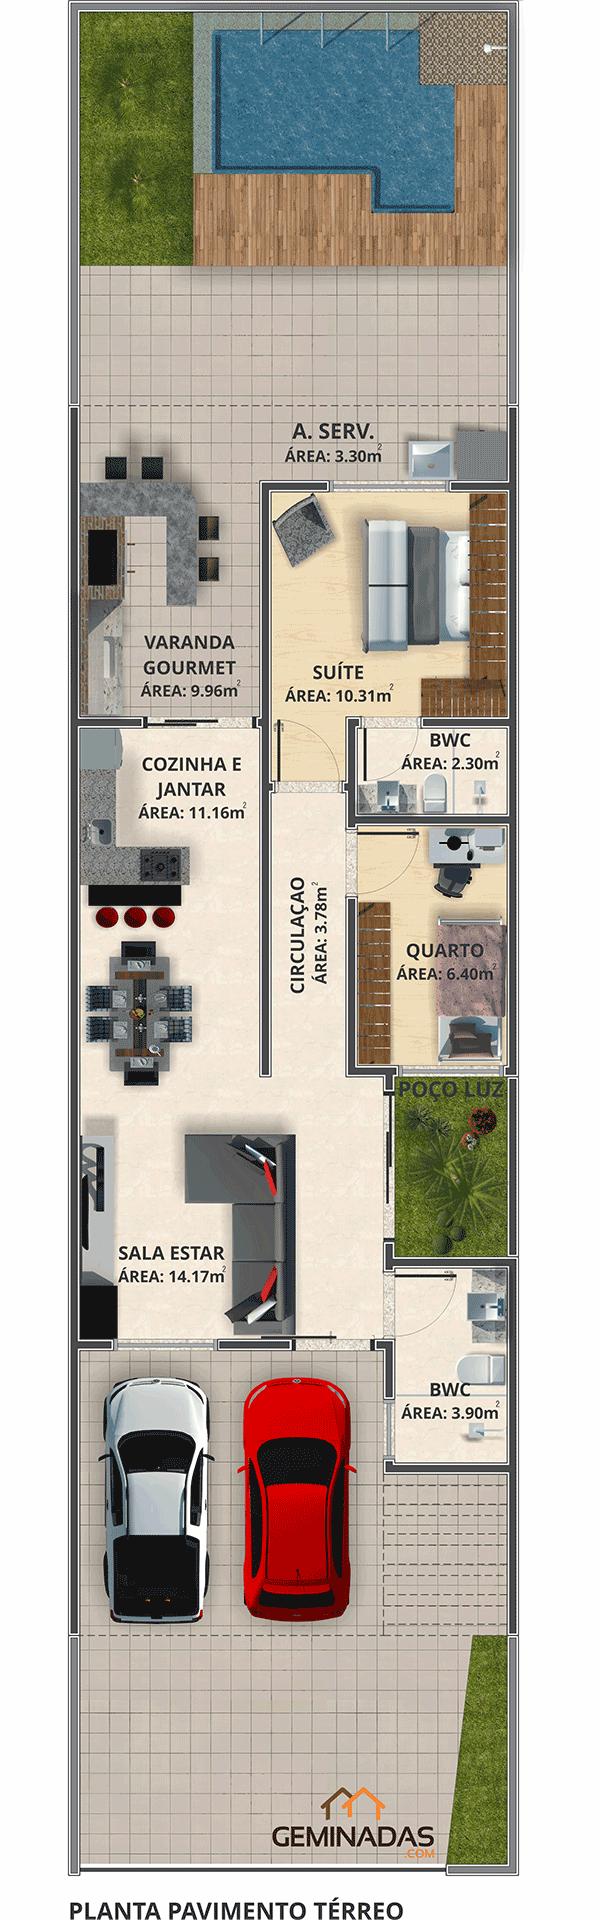 Sims grundrisse mädchen häuser erdgeschoss designhaus zimmerpflanzen architektonische details hausdekoration holz